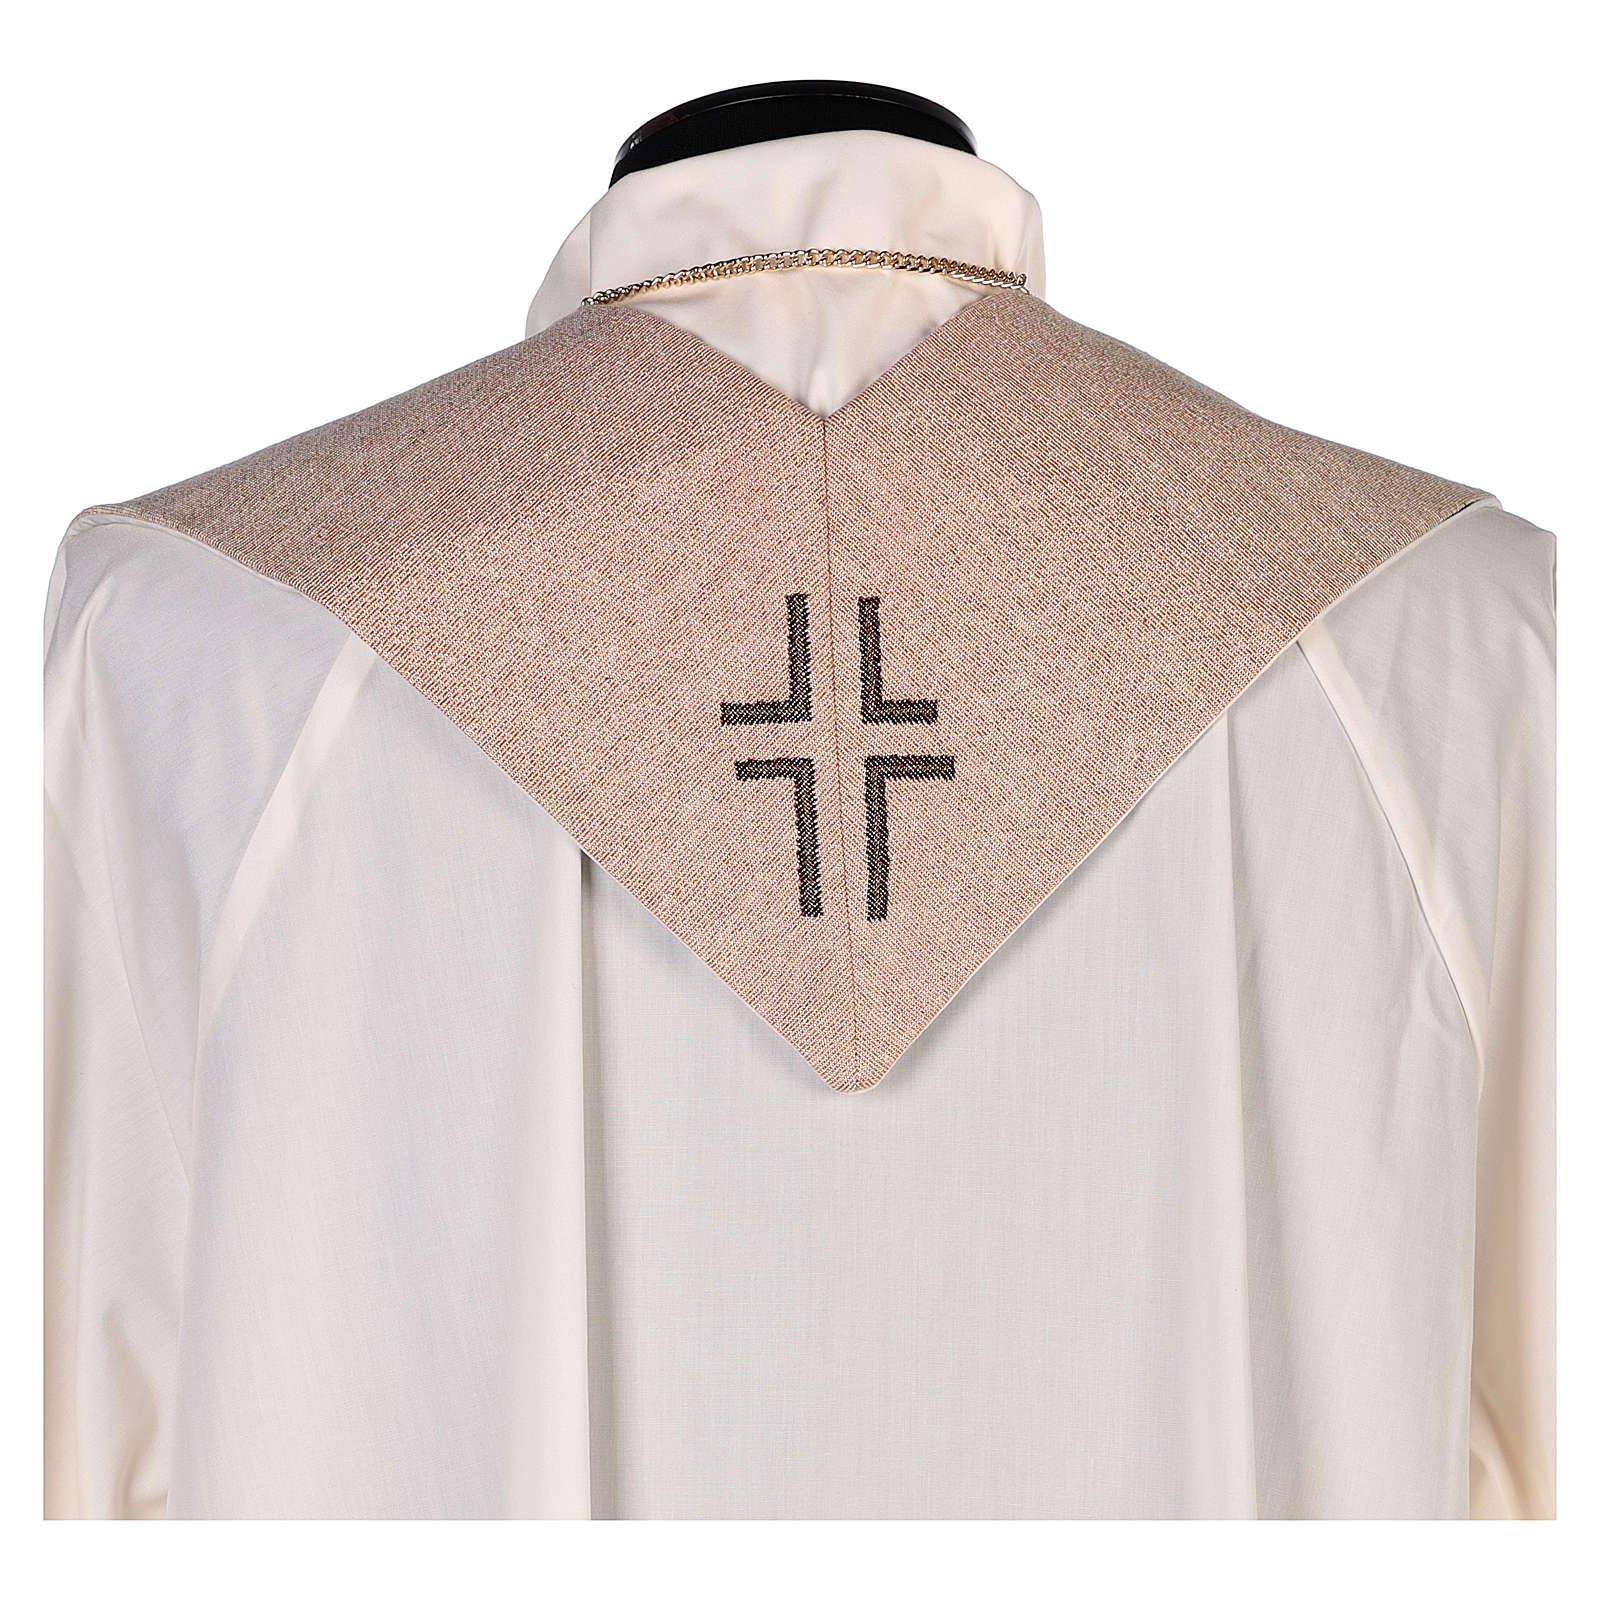 Estola símbolo vocación con rostro de Jesús marfil 4